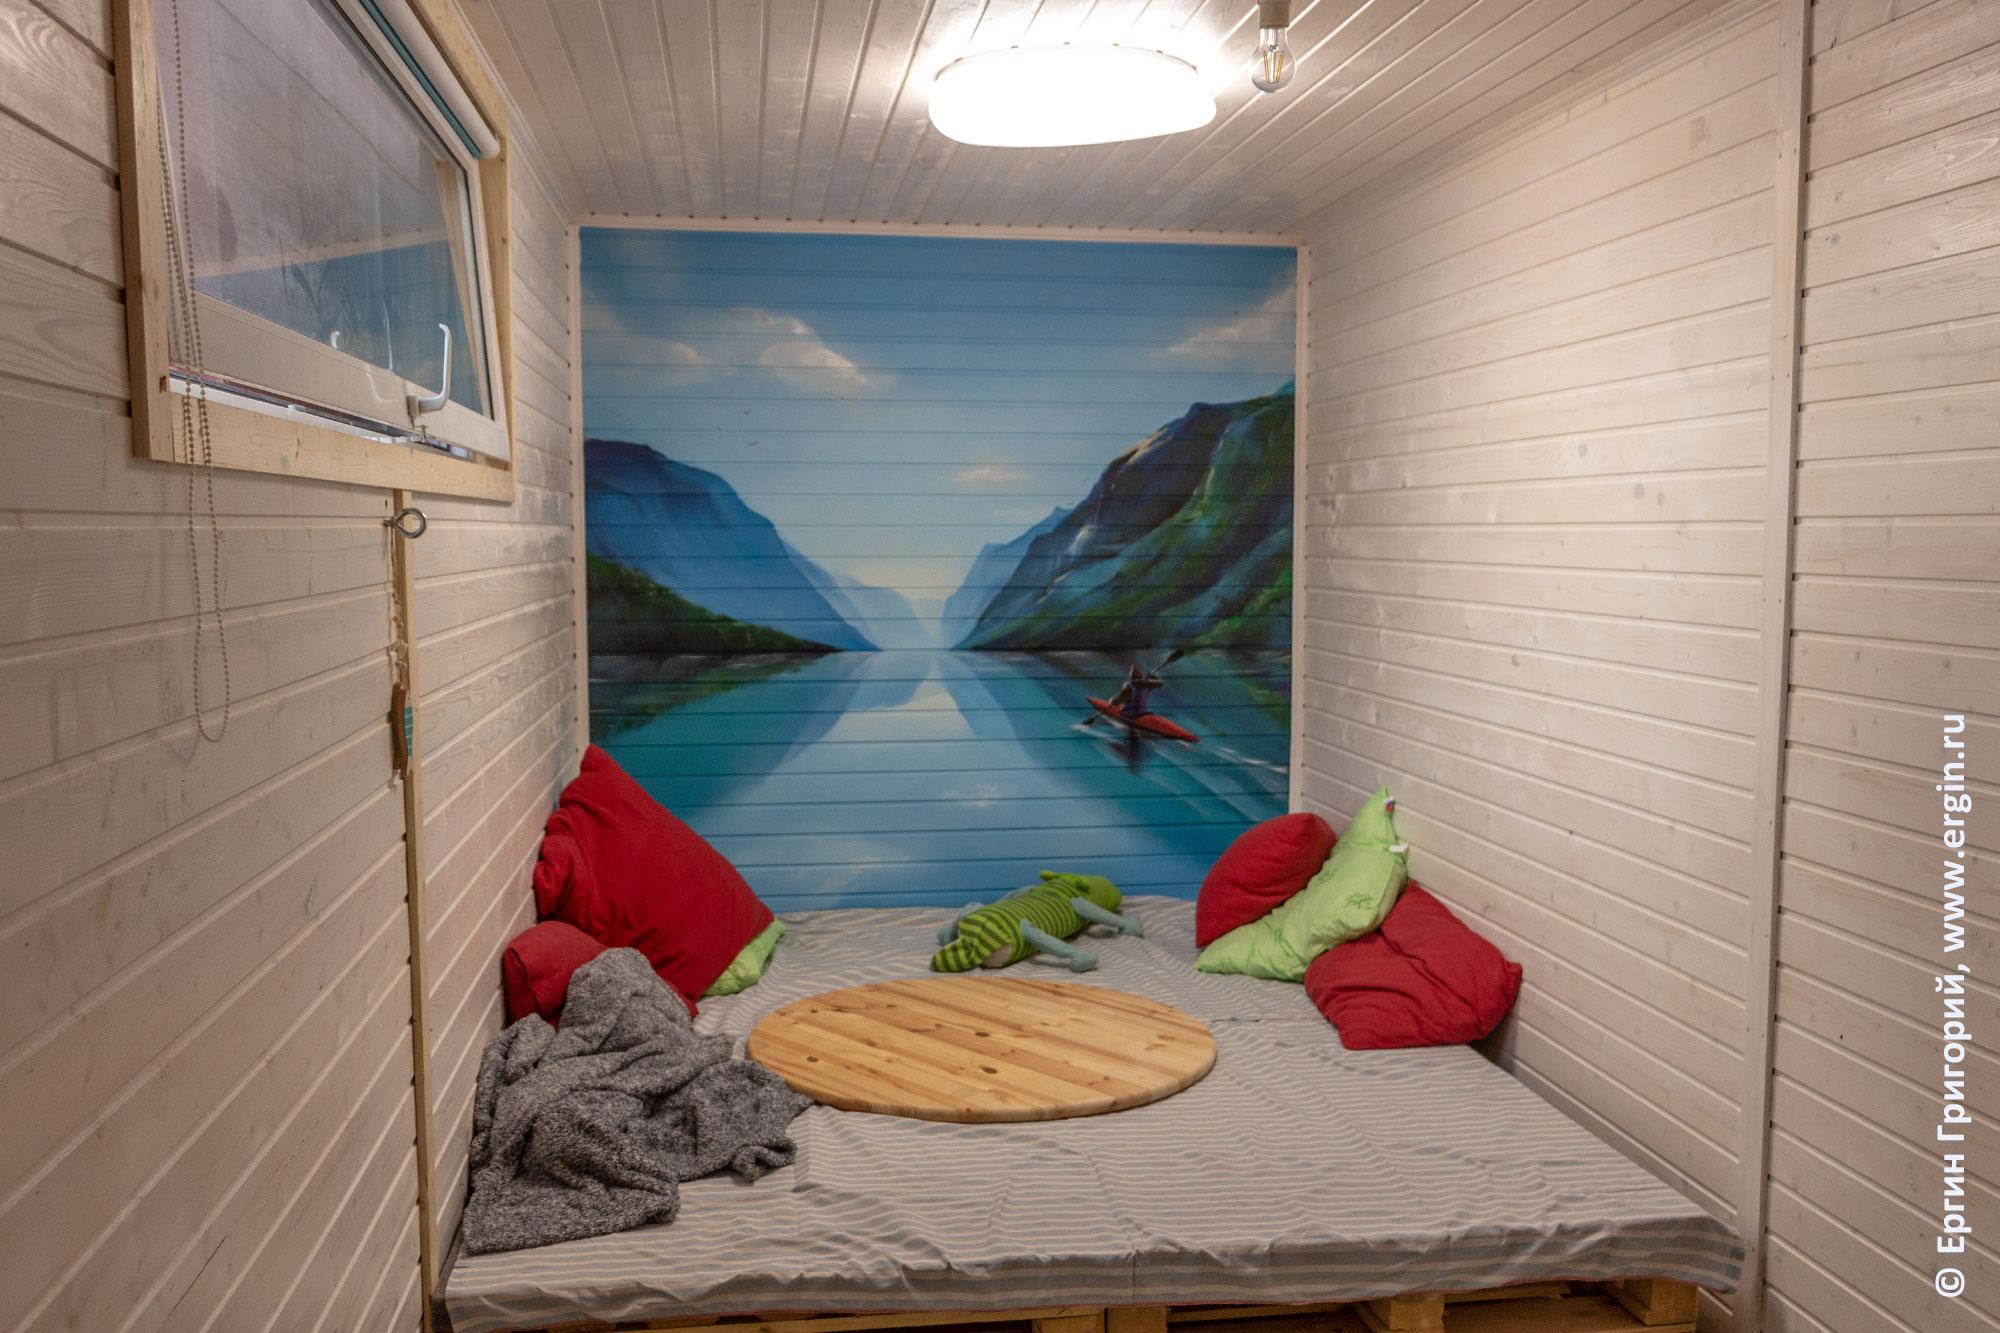 Внутри каяк-базы Санкт-Петербургского яхт-клуба - жилое помещение с граффити